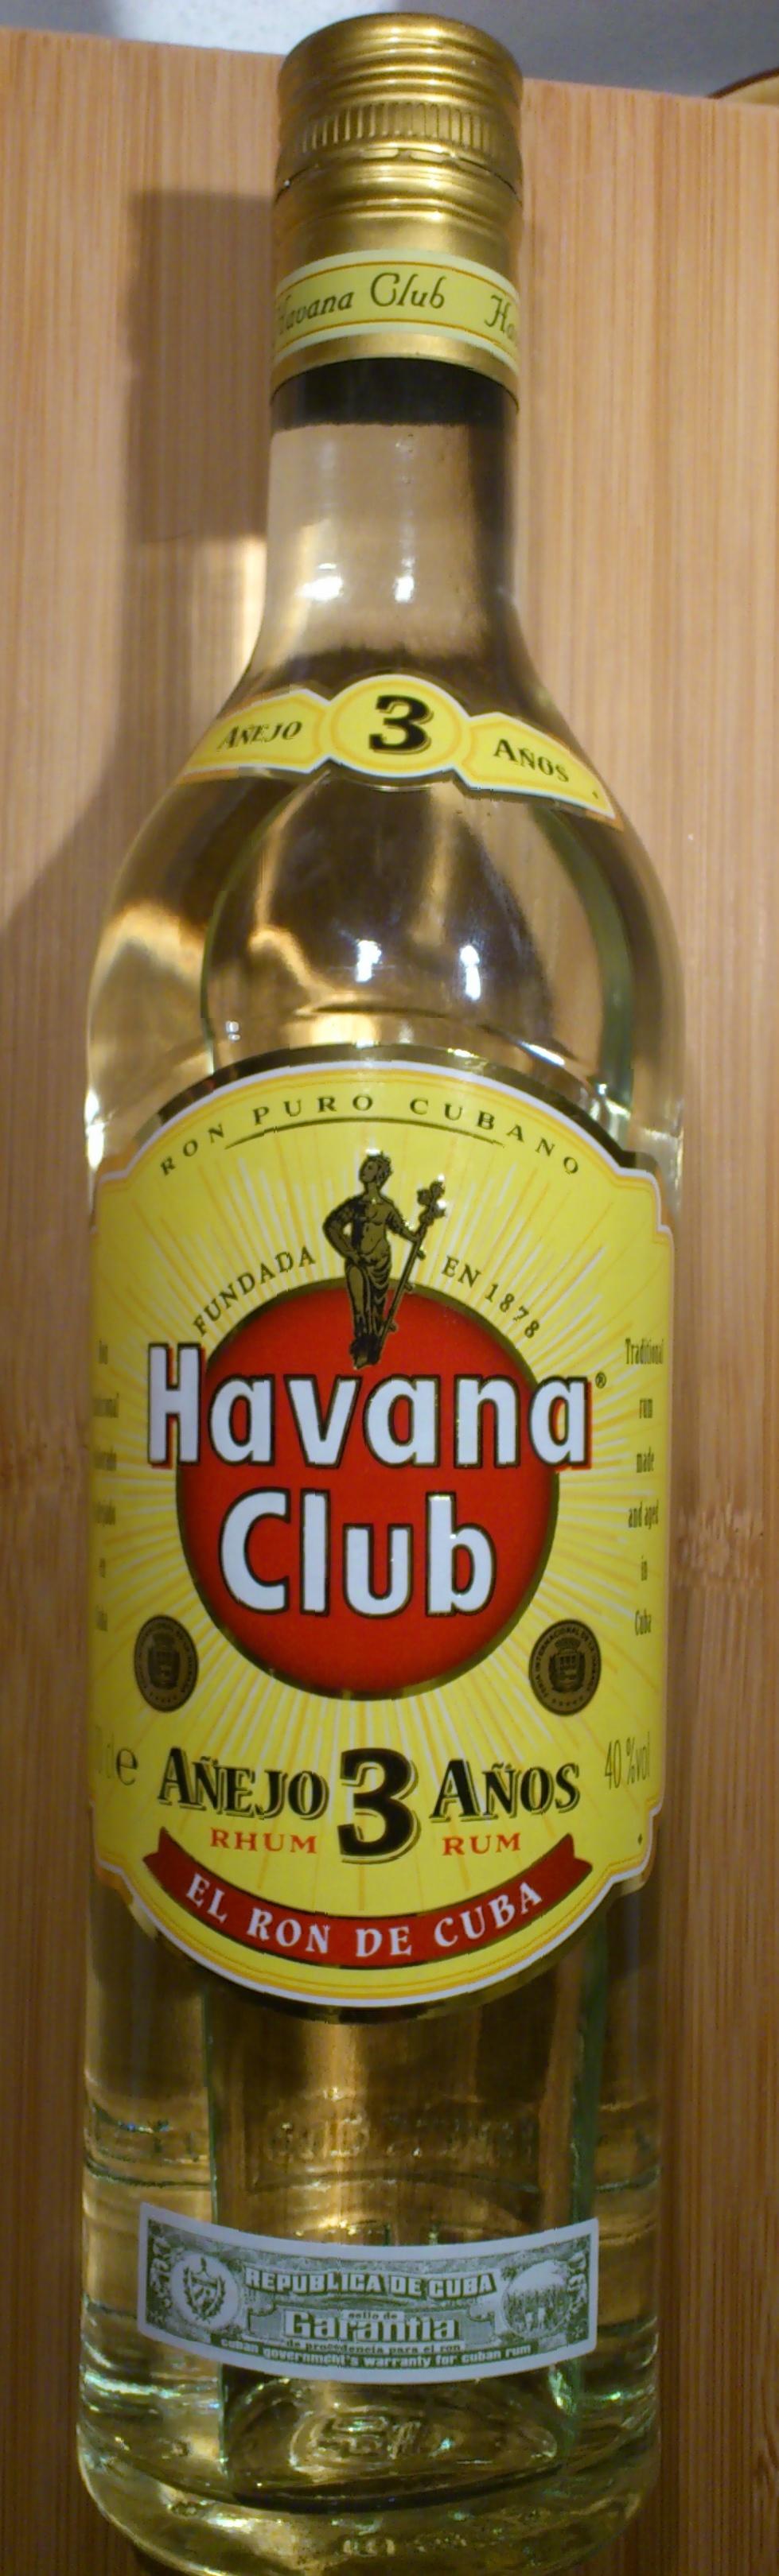 Havana Club 3 ans - Product - fr